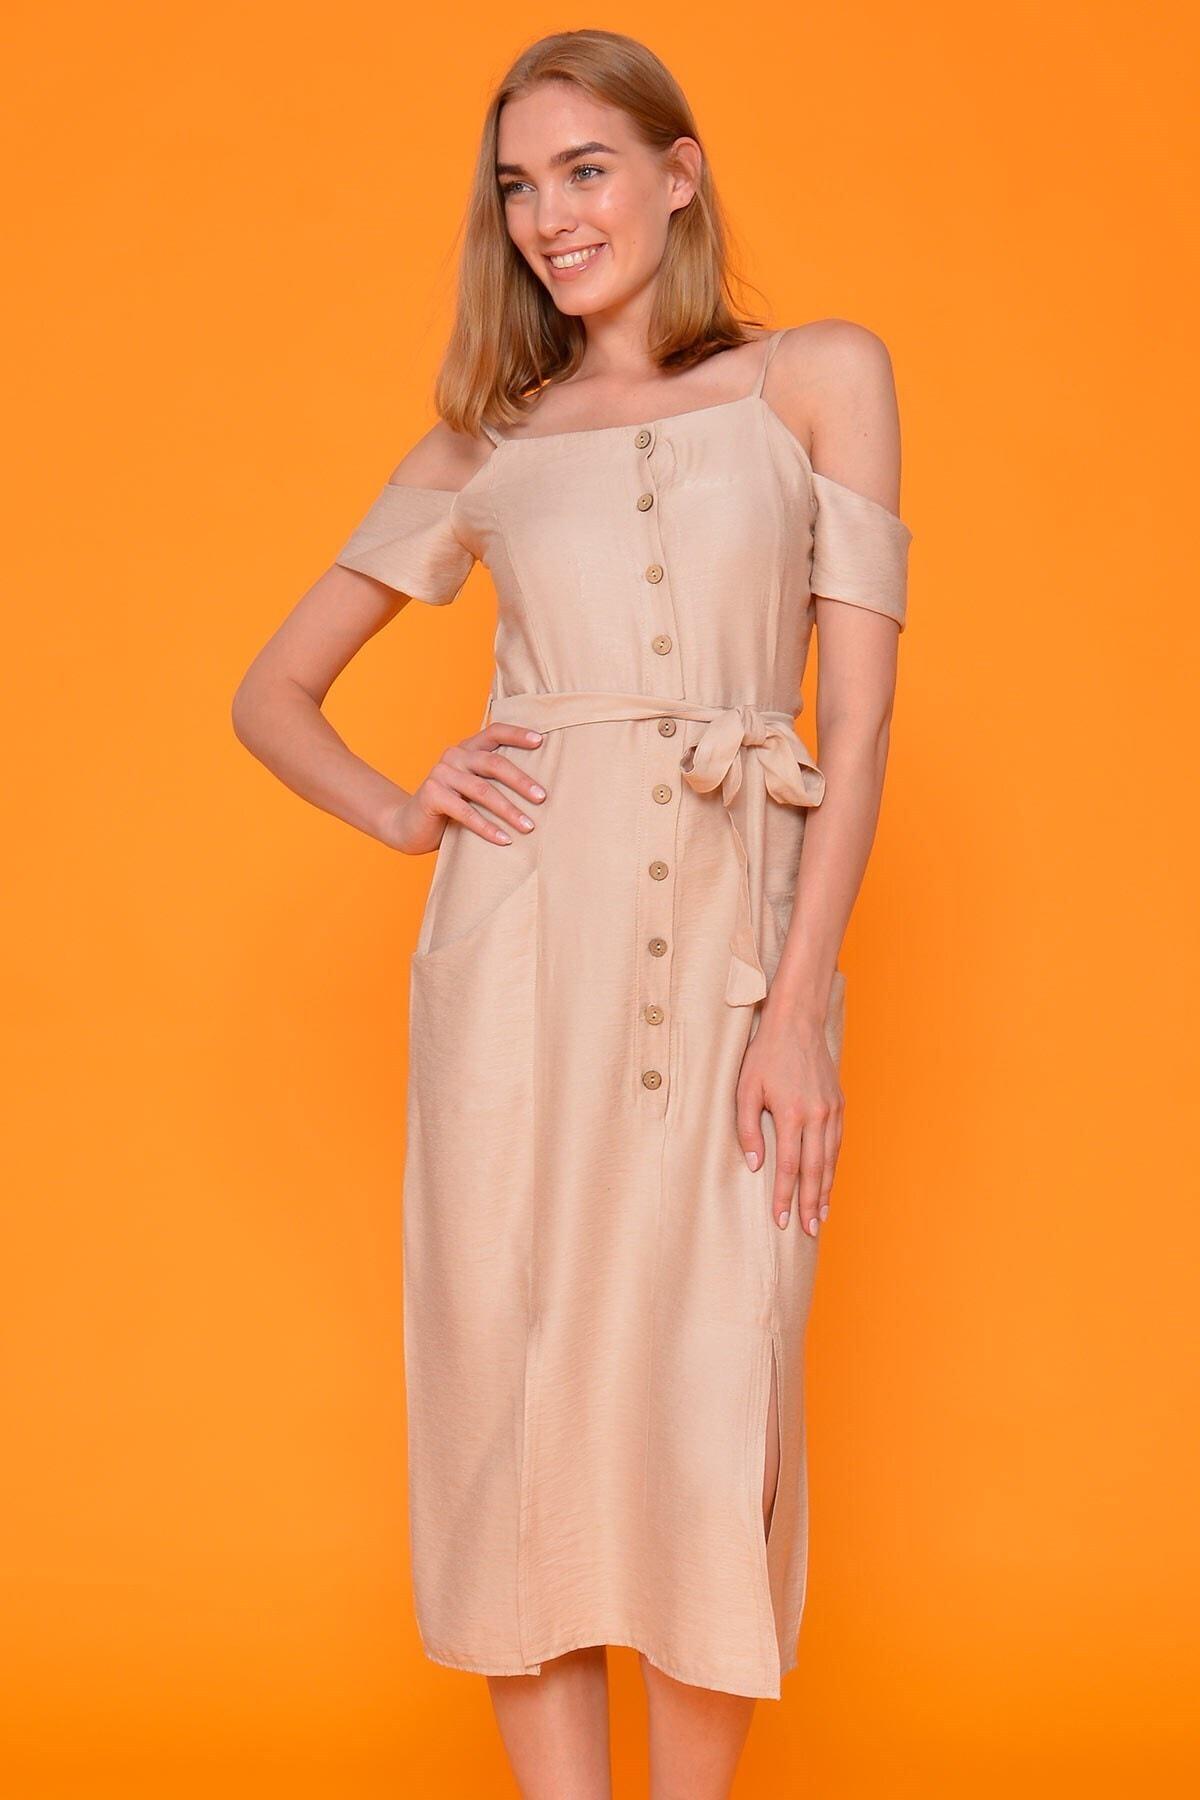 Mossta Kadın Bej İp Askı Keten Elbise 1